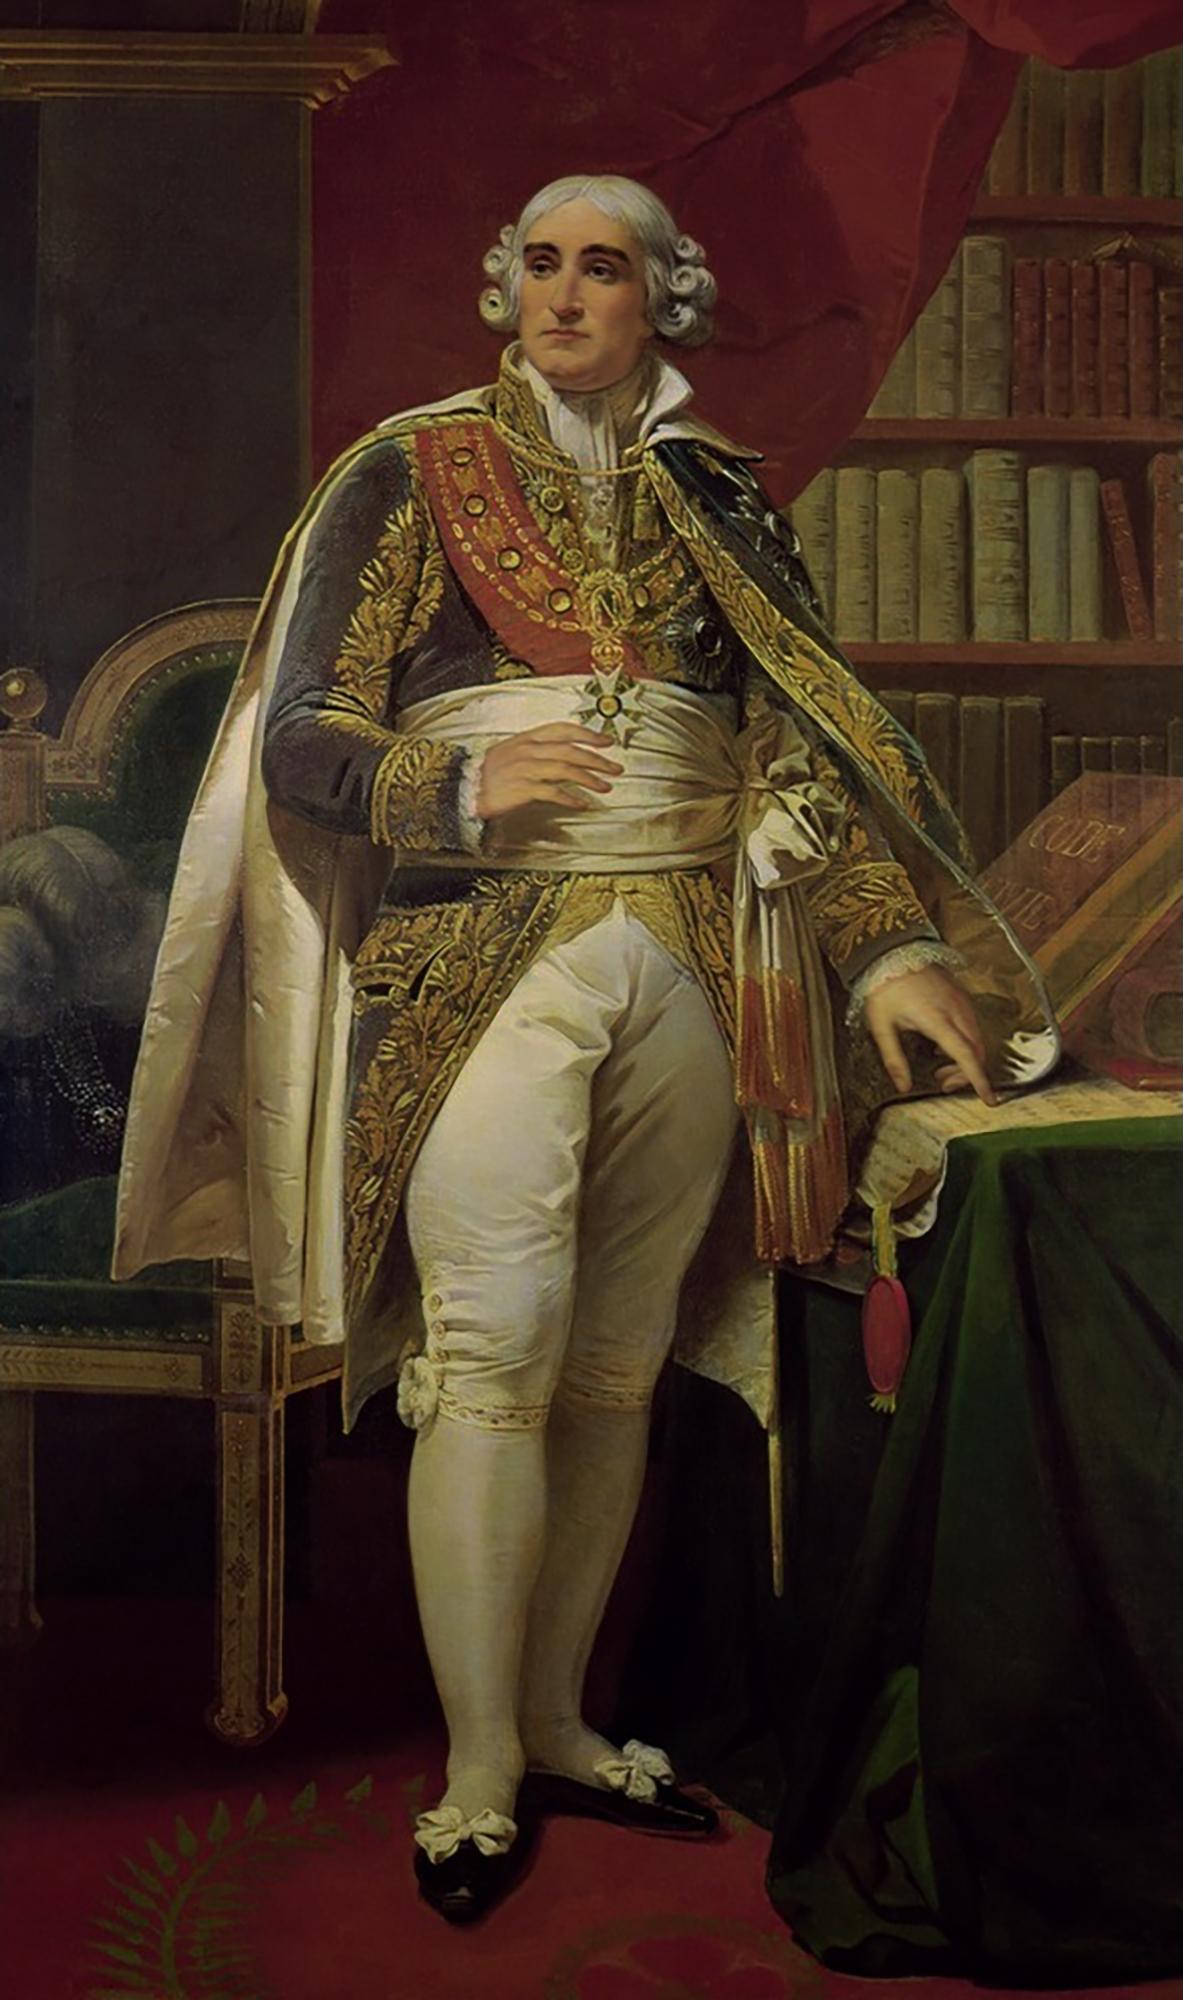 Fichier:Jean-Jacques-Regis de Cambaceres (par Henri-Frederic Schopin).jpg